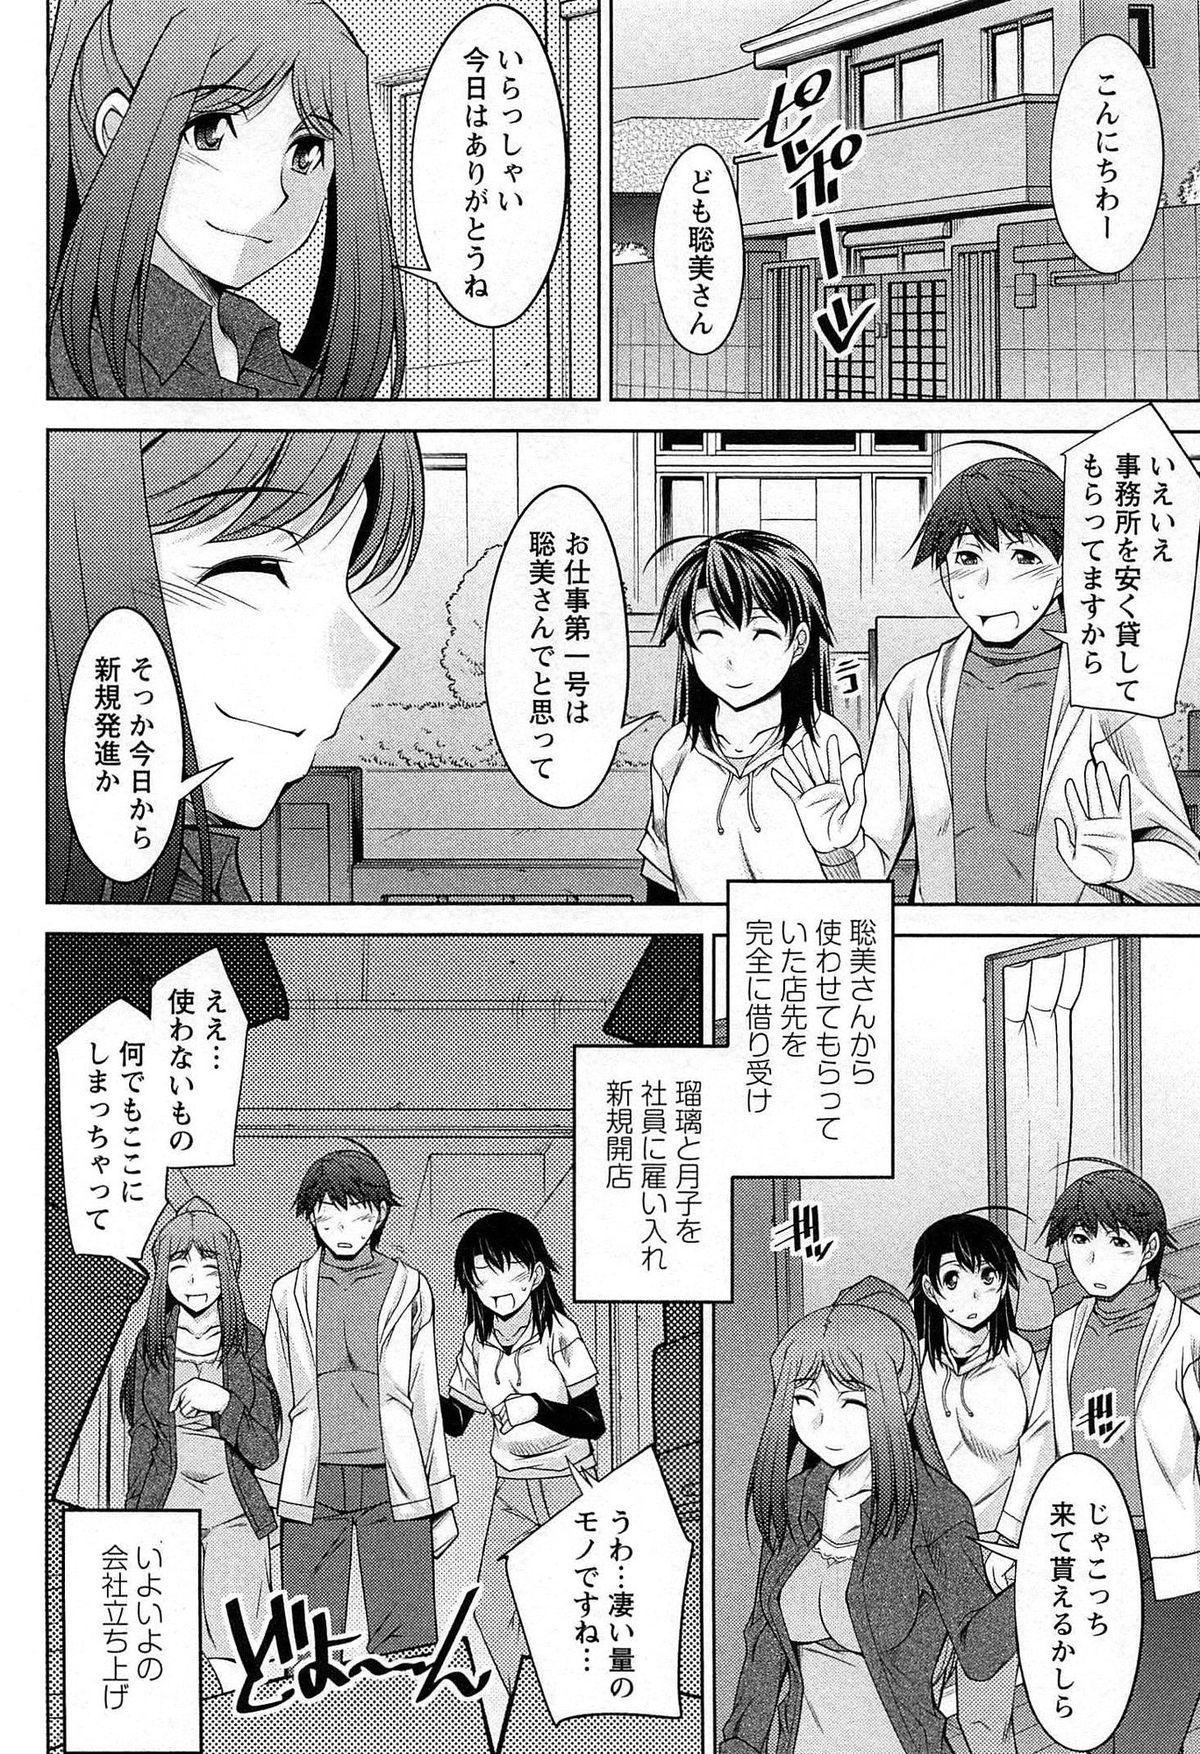 [zen9] Tsuki-wo Ai-Shite - Tsuki-ni Koi-shite 2 8